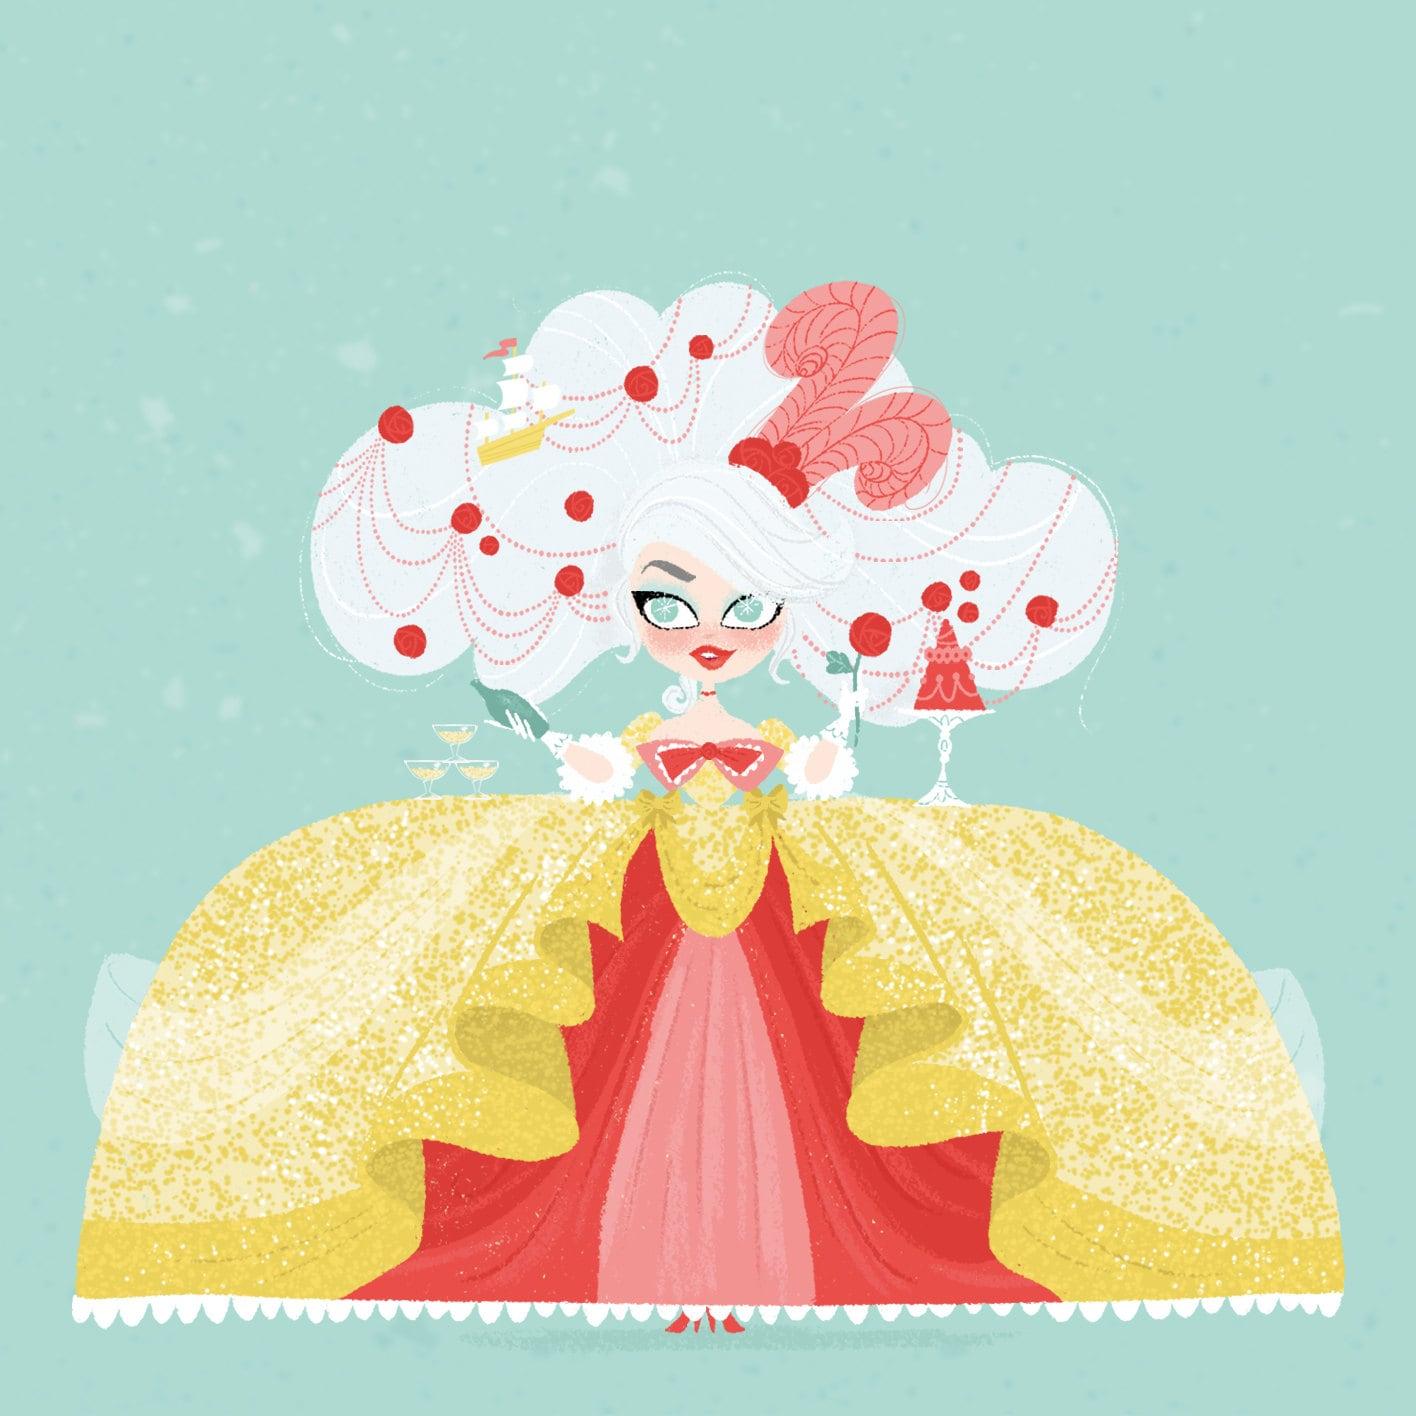 Marie Antoinette Art French Queen Illustration Print